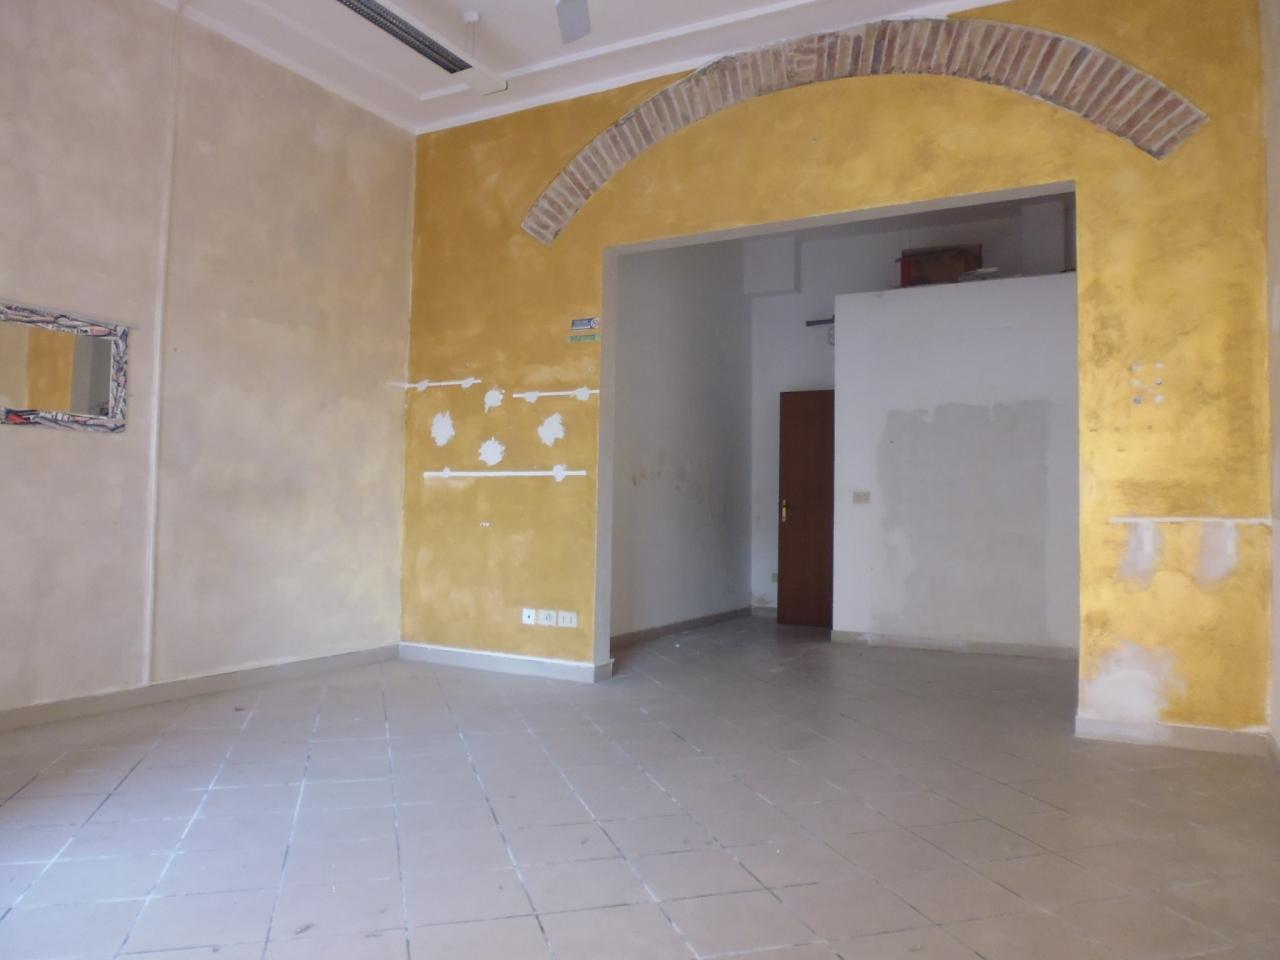 Negozio / Locale in vendita a Livorno, 1 locali, prezzo € 70.000 | Cambio Casa.it